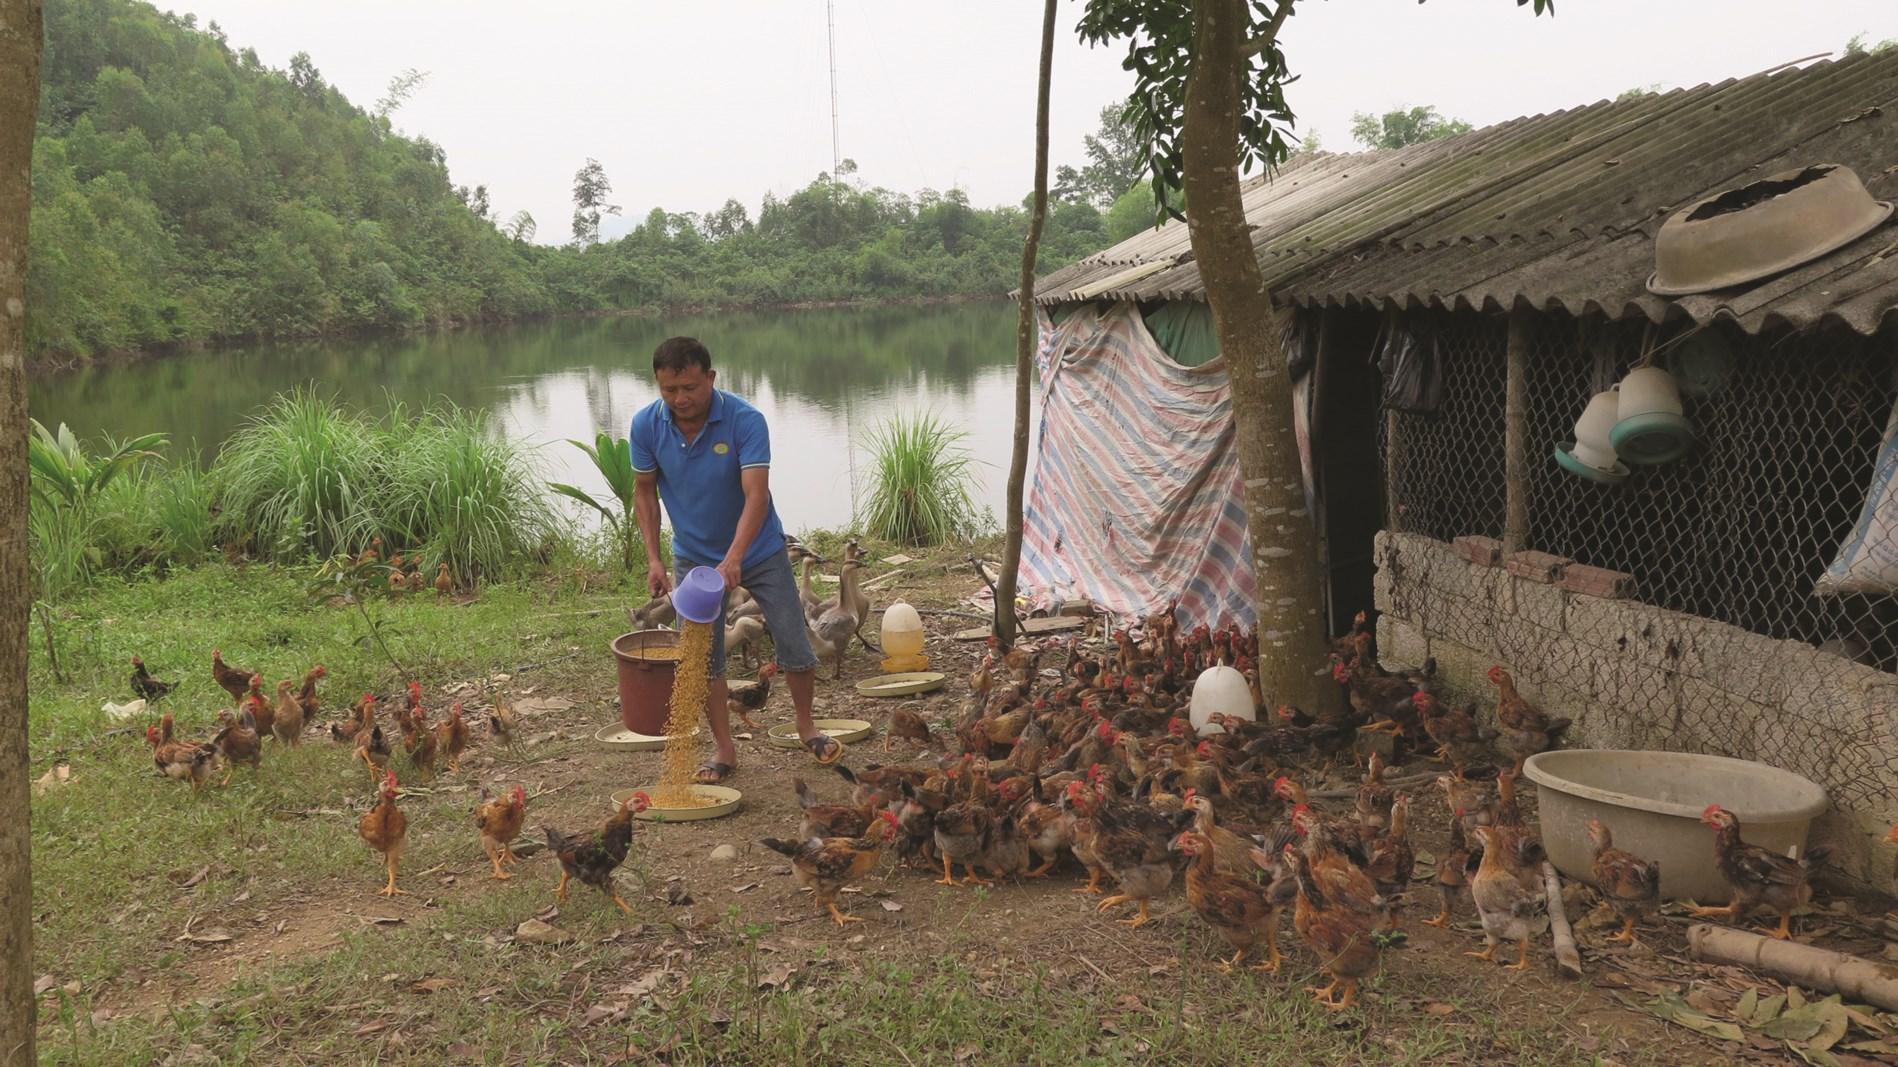 Bà con được tập huấn kỹ thuật áp dụng vào chăn nuôi, mang lại hiệu quả kinh tế cao.